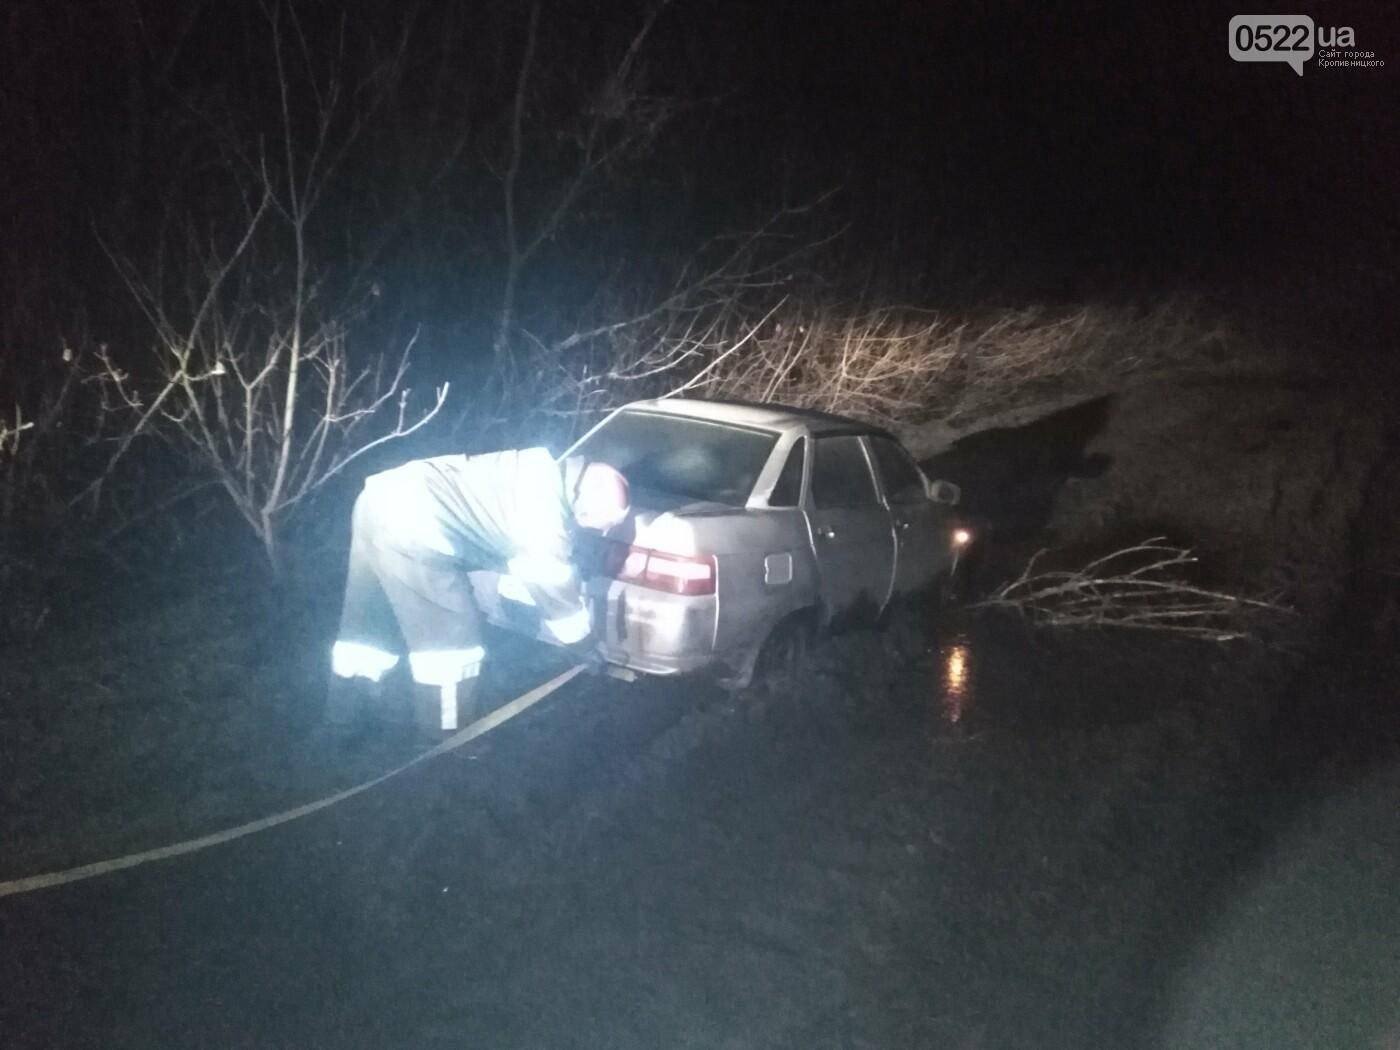 Водії потребують допомоги у скрутних ситуаціях - рятувальники виявились поруч, фото-1